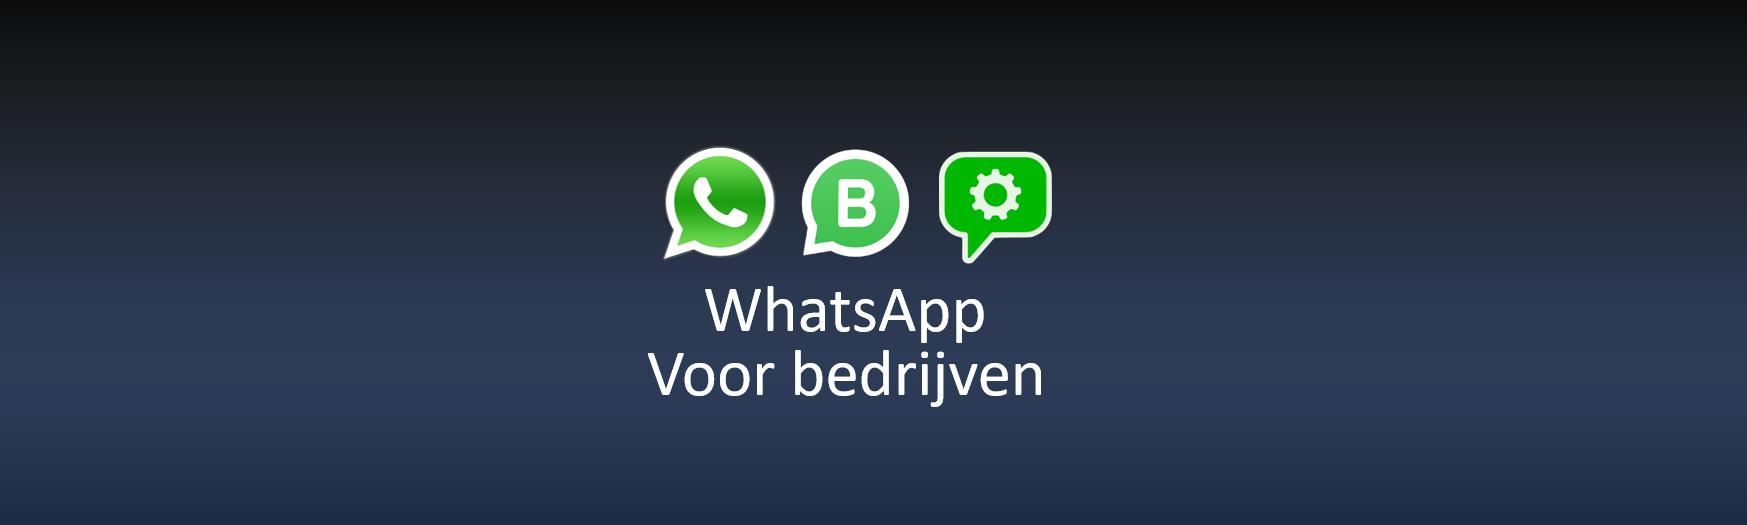 whatsapp-voor-bedrijven-verschillen-op-een-rij-contactons.nl